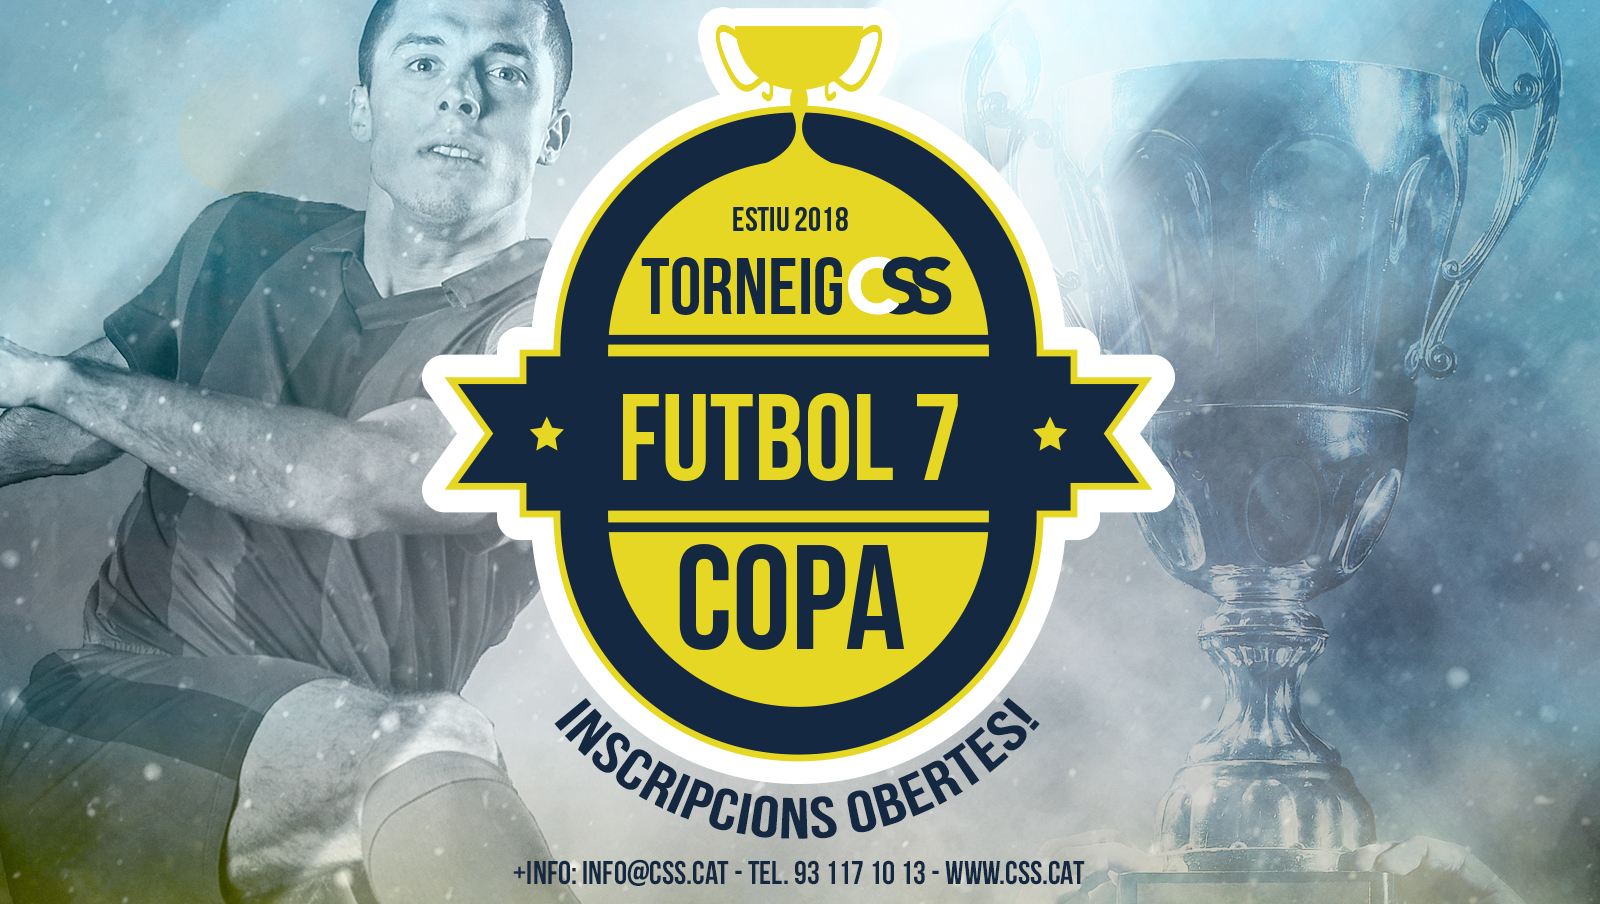 Torneig Copa Futbol 7